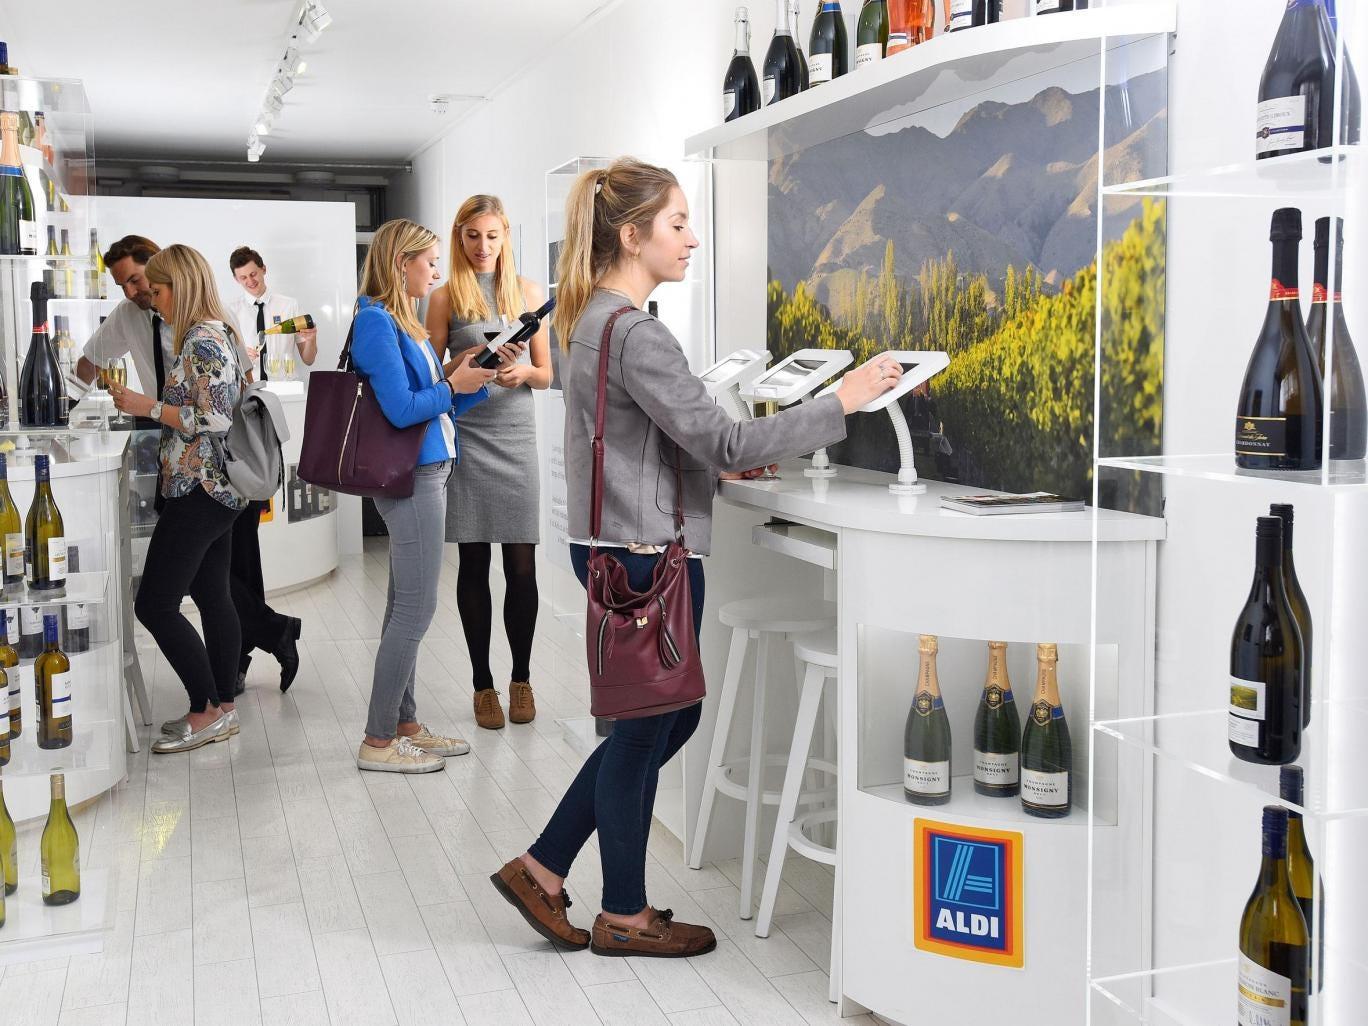 Aldi open up futuristic wine pop up in London